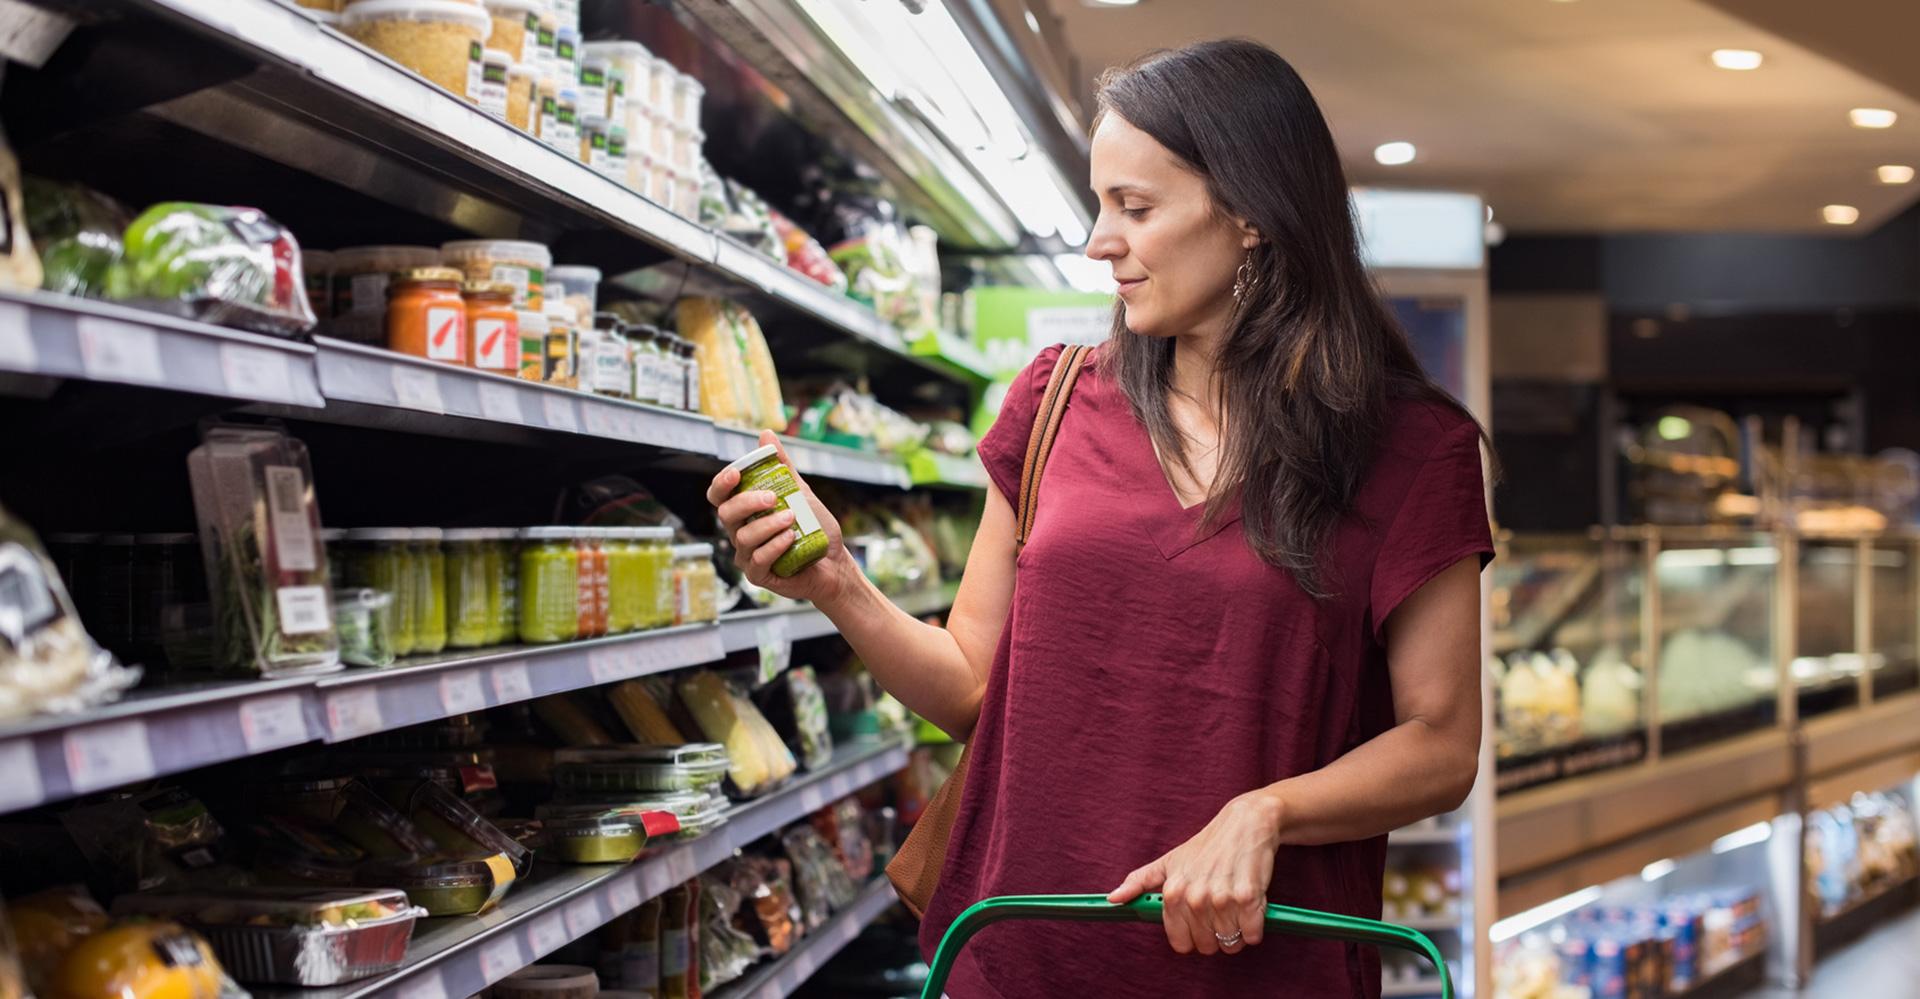 ley de etiquetado de alimentos   u00bfc u00f3mo ha mejorado la